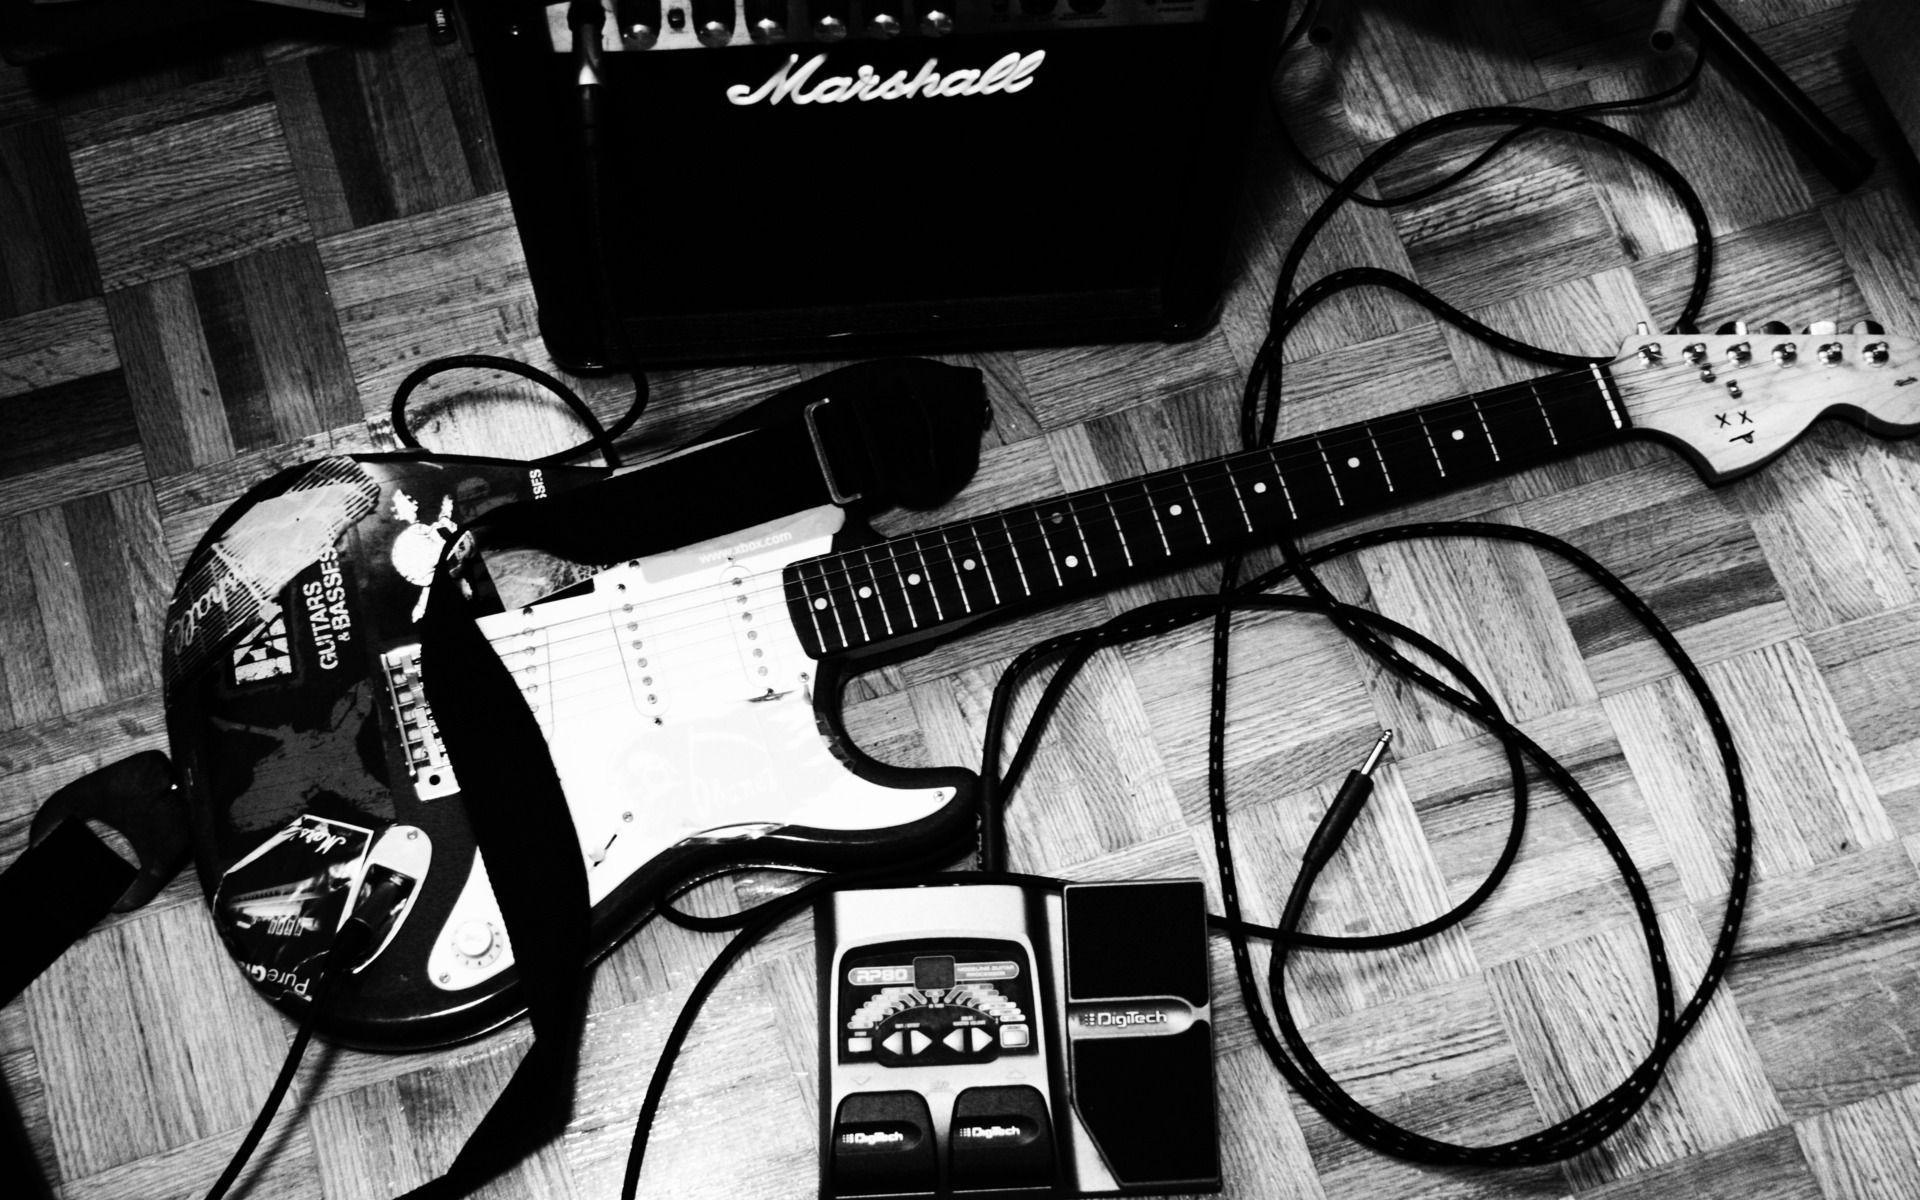 Electric Guitar Music Hd Wallpaper #5076 Wallpaper | walldesktophd.com